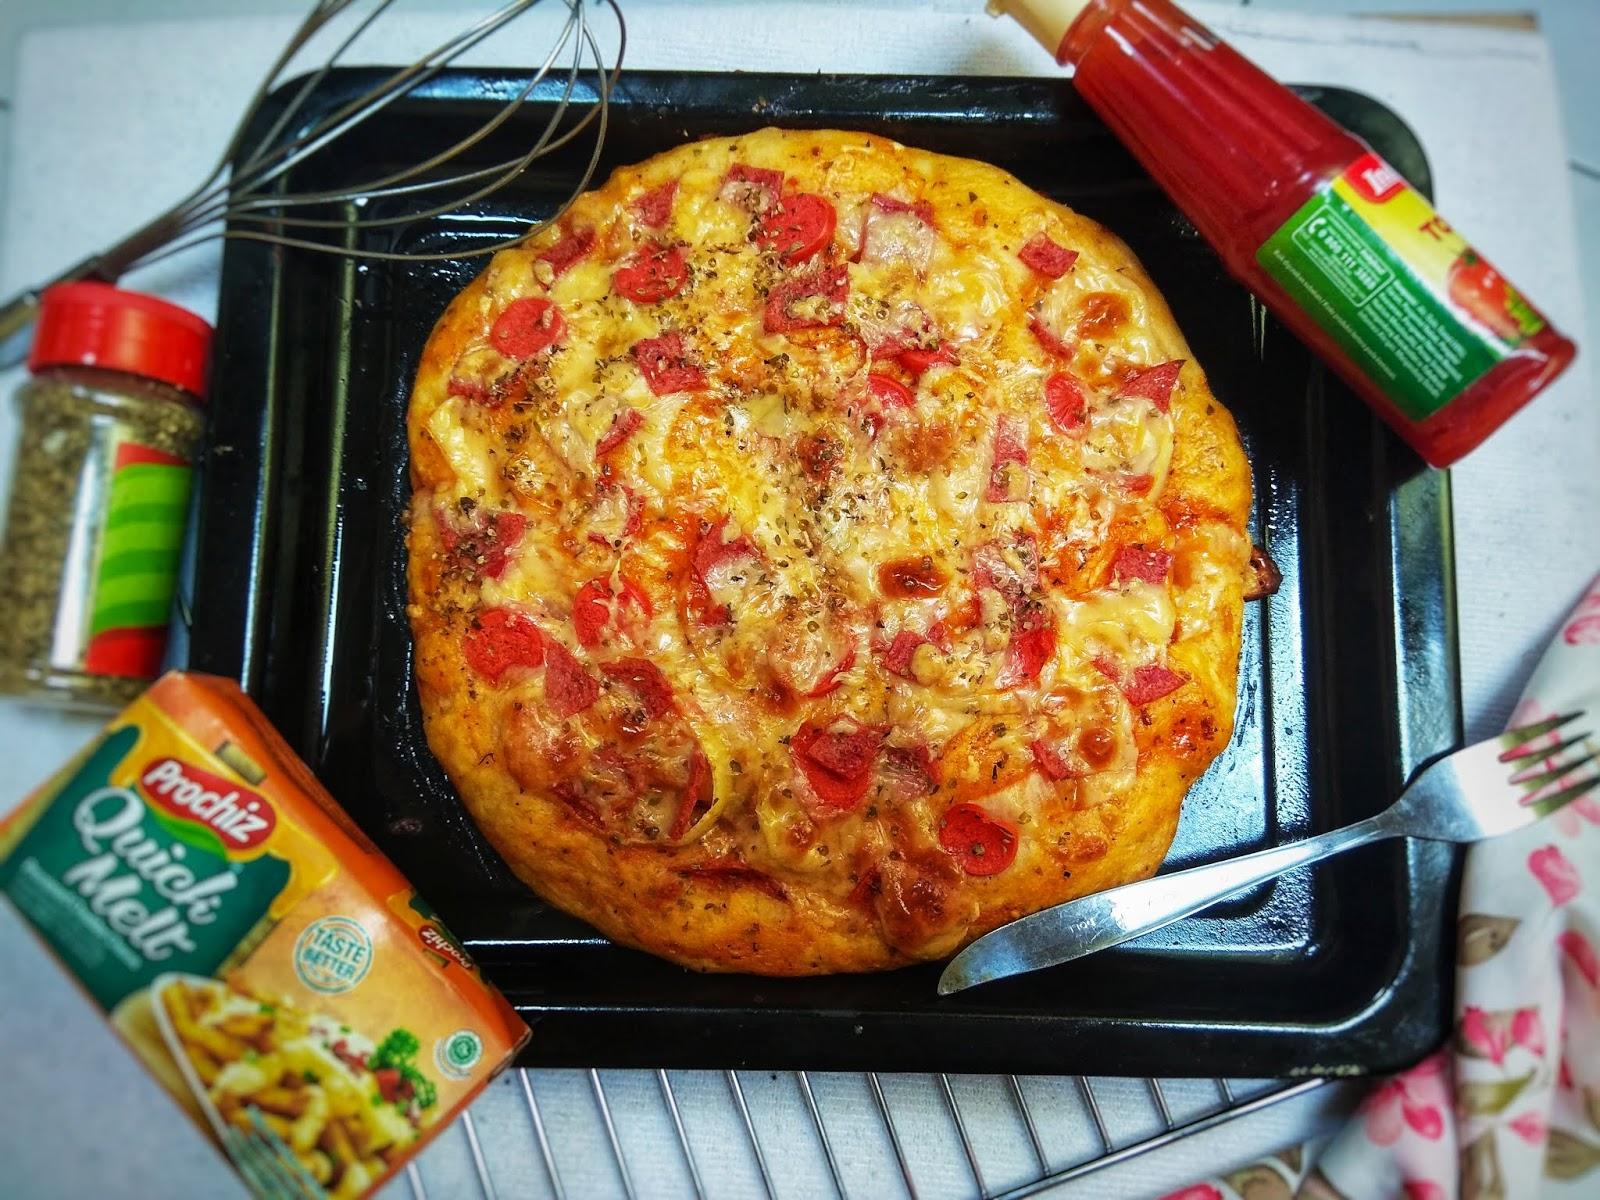 Resep Pizza Tanpa Ulen No Knead Pizza